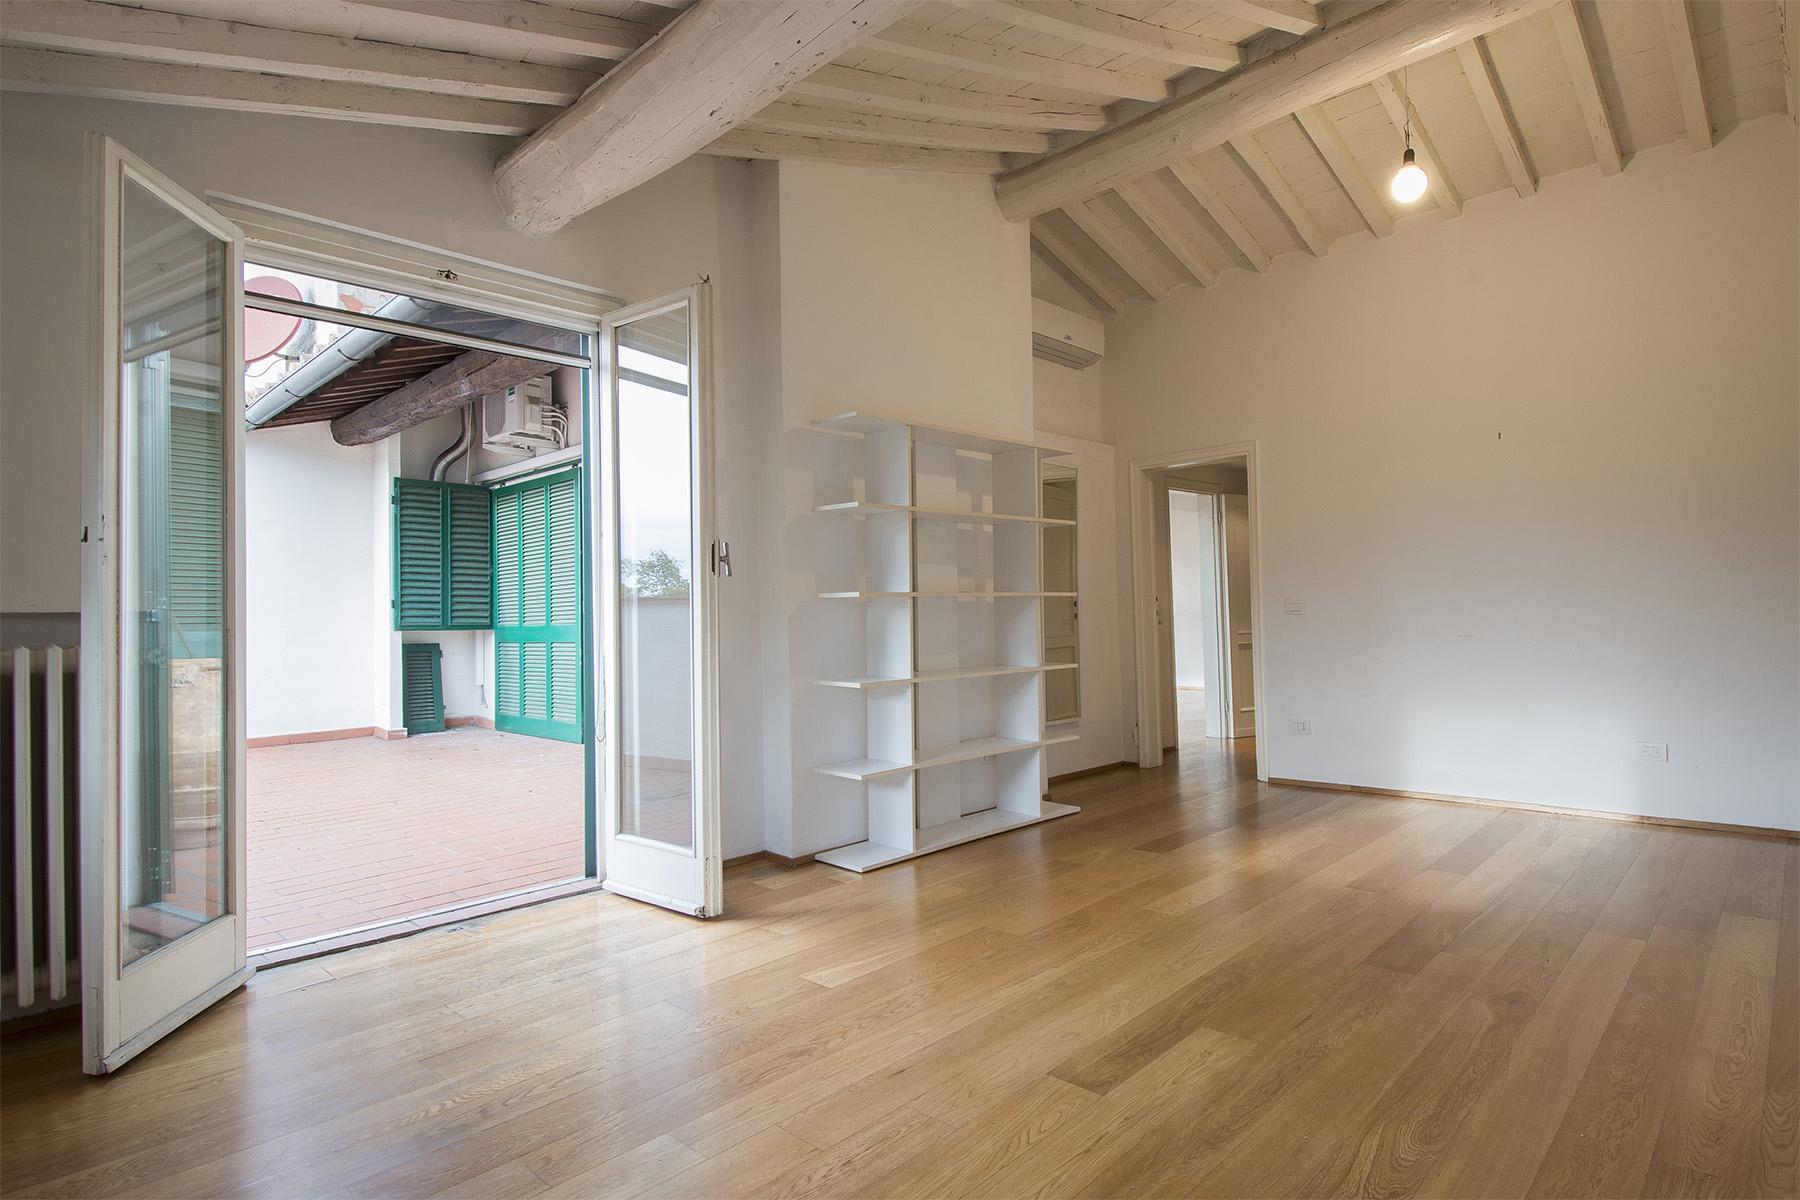 Attico in Affitto a Firenze: 5 locali, 120 mq - Foto 7